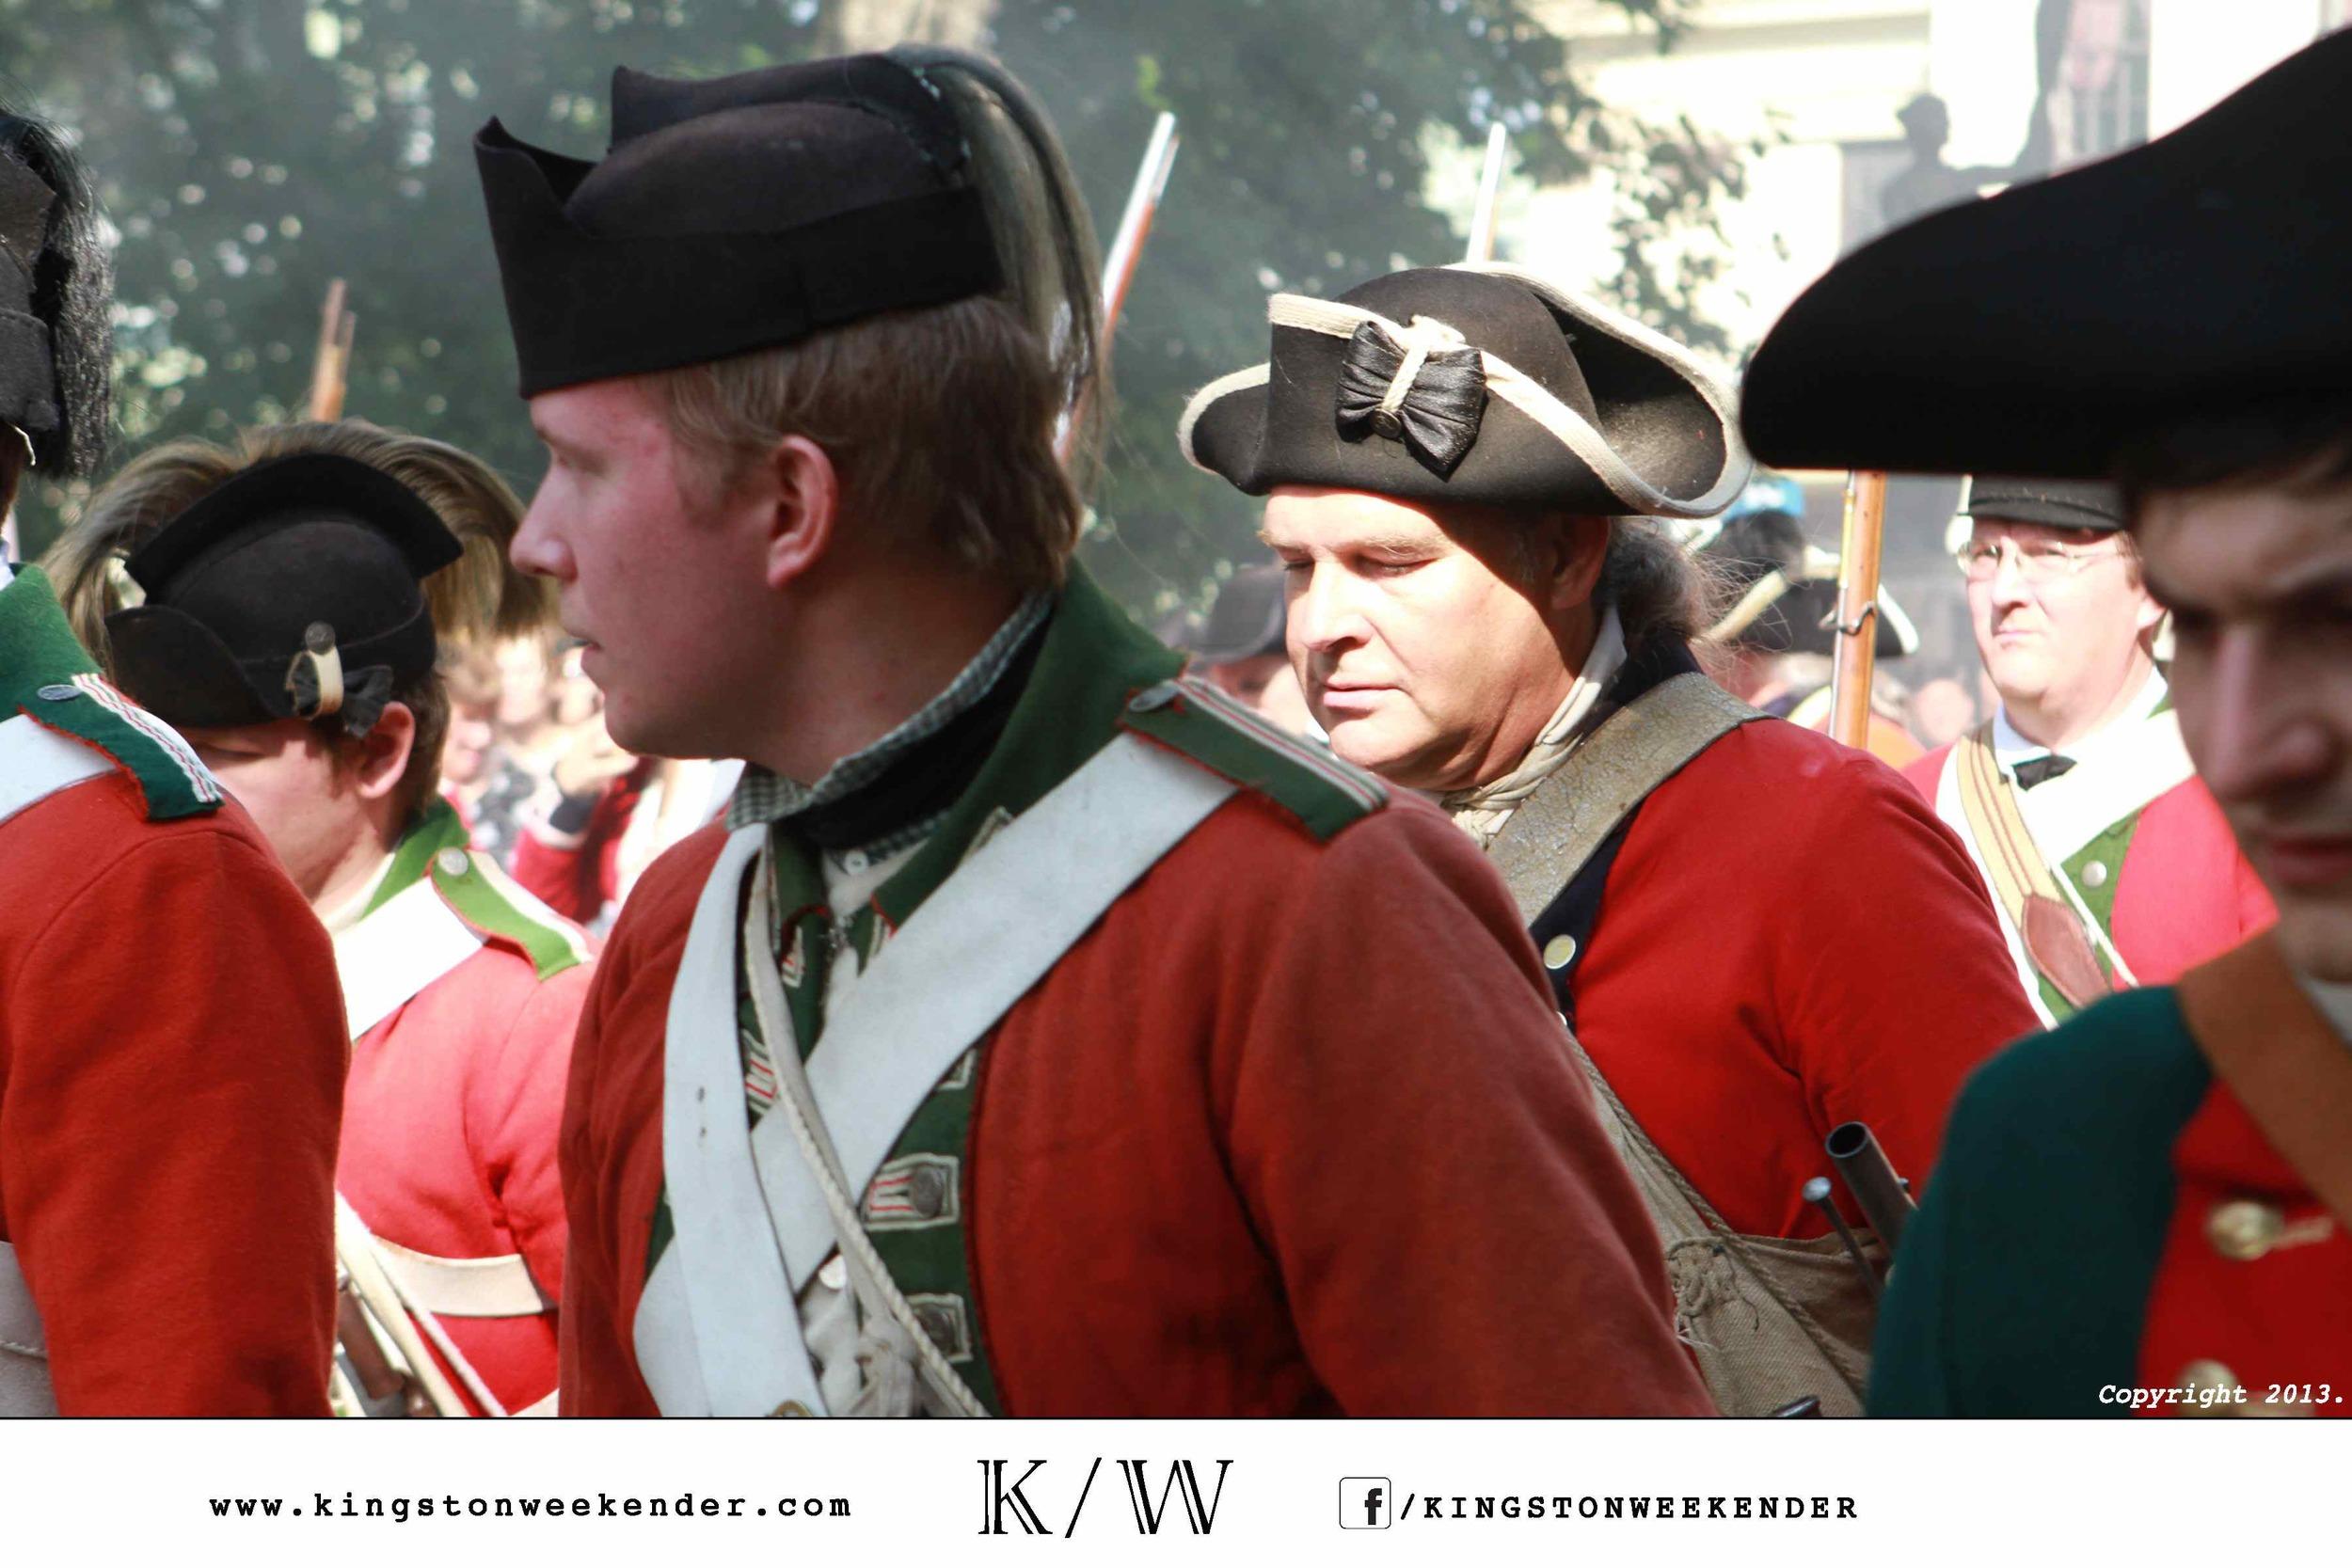 kingston-weekender-photo-credits27.jpg